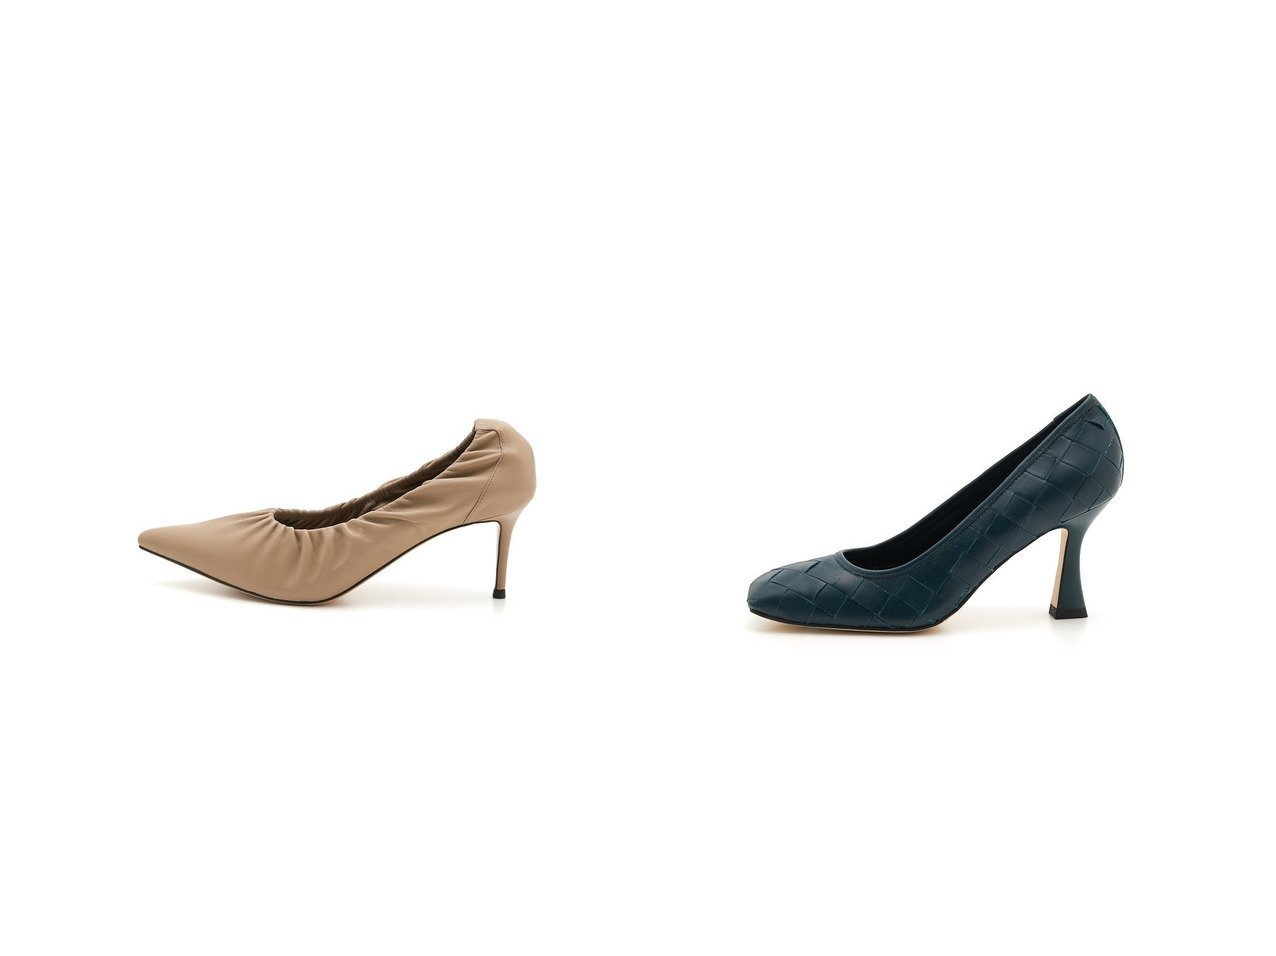 【STACCATO/スタッカート】のウーブンフレンチヒールパンプス TQ&フレキシブルギャザーパンプス 【シューズ・靴】おすすめ!人気、トレンド・レディースファッションの通販   おすすめで人気の流行・トレンド、ファッションの通販商品 インテリア・家具・メンズファッション・キッズファッション・レディースファッション・服の通販 founy(ファニー) https://founy.com/ ファッション Fashion レディースファッション WOMEN 2020年 2020 2020-2021秋冬・A/W AW・Autumn/Winter・FW・Fall-Winter/2020-2021 A/W・秋冬 AW・Autumn/Winter・FW・Fall-Winter ギャザー フィット フェミニン モダン |ID:crp329100000050466